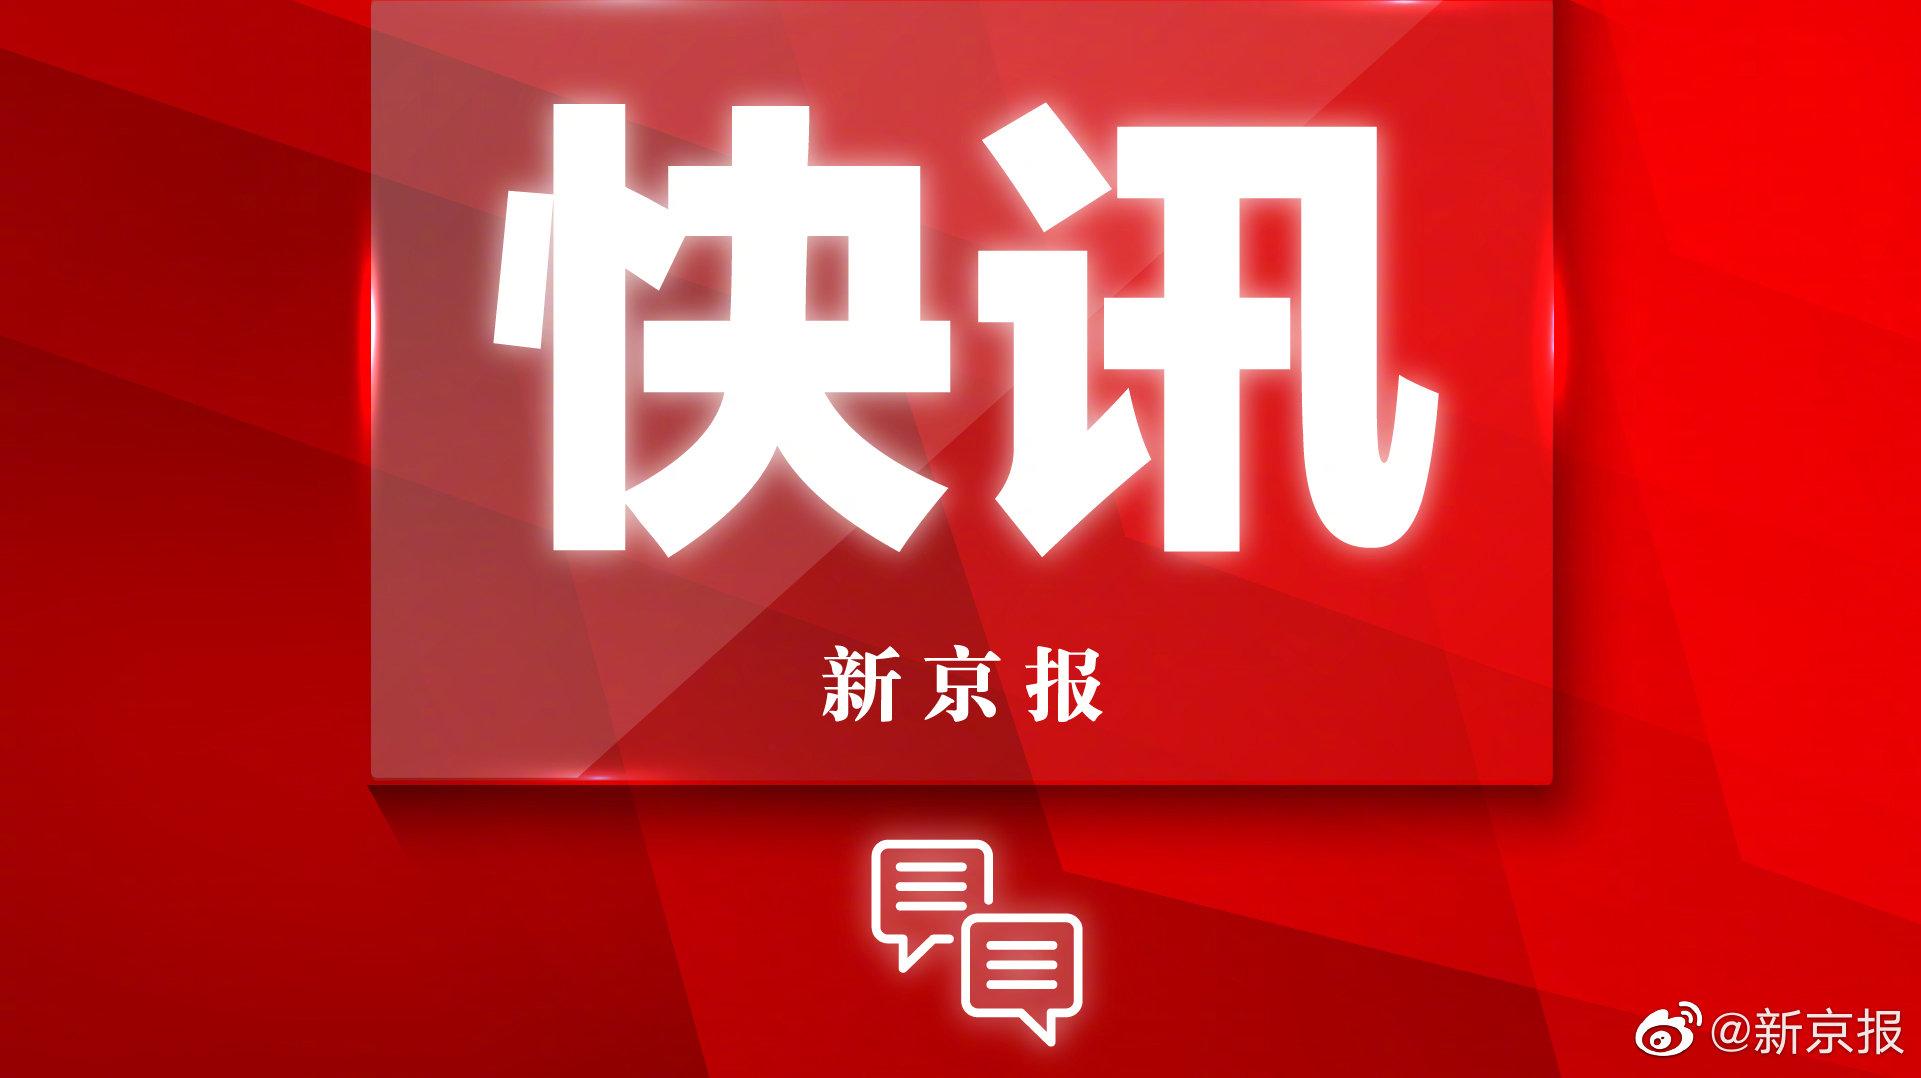 外交部称台湾作为中国1个省没资格加联合国